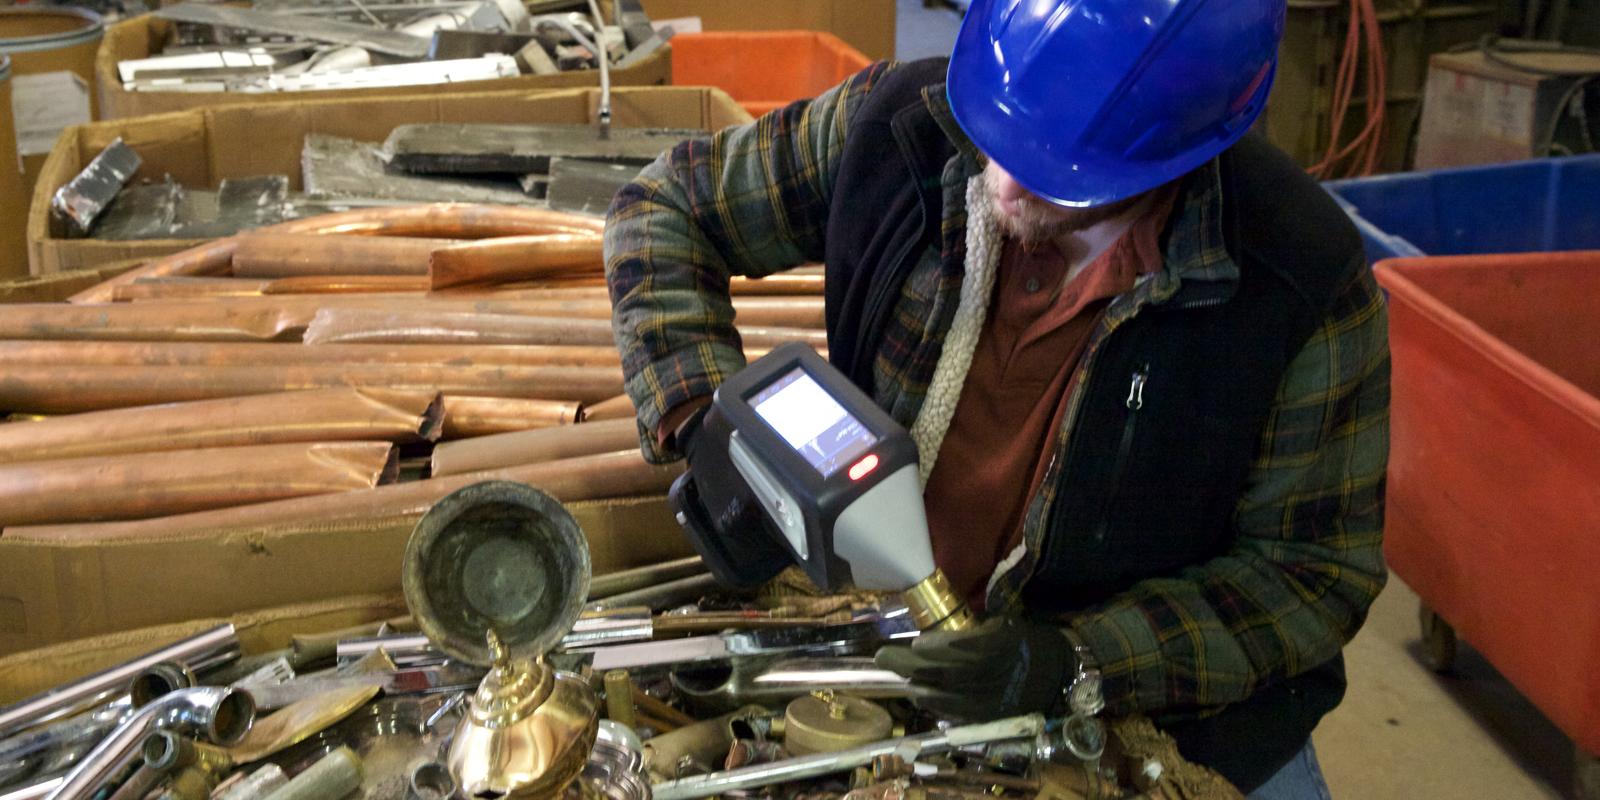 LIBS portable métallurgie